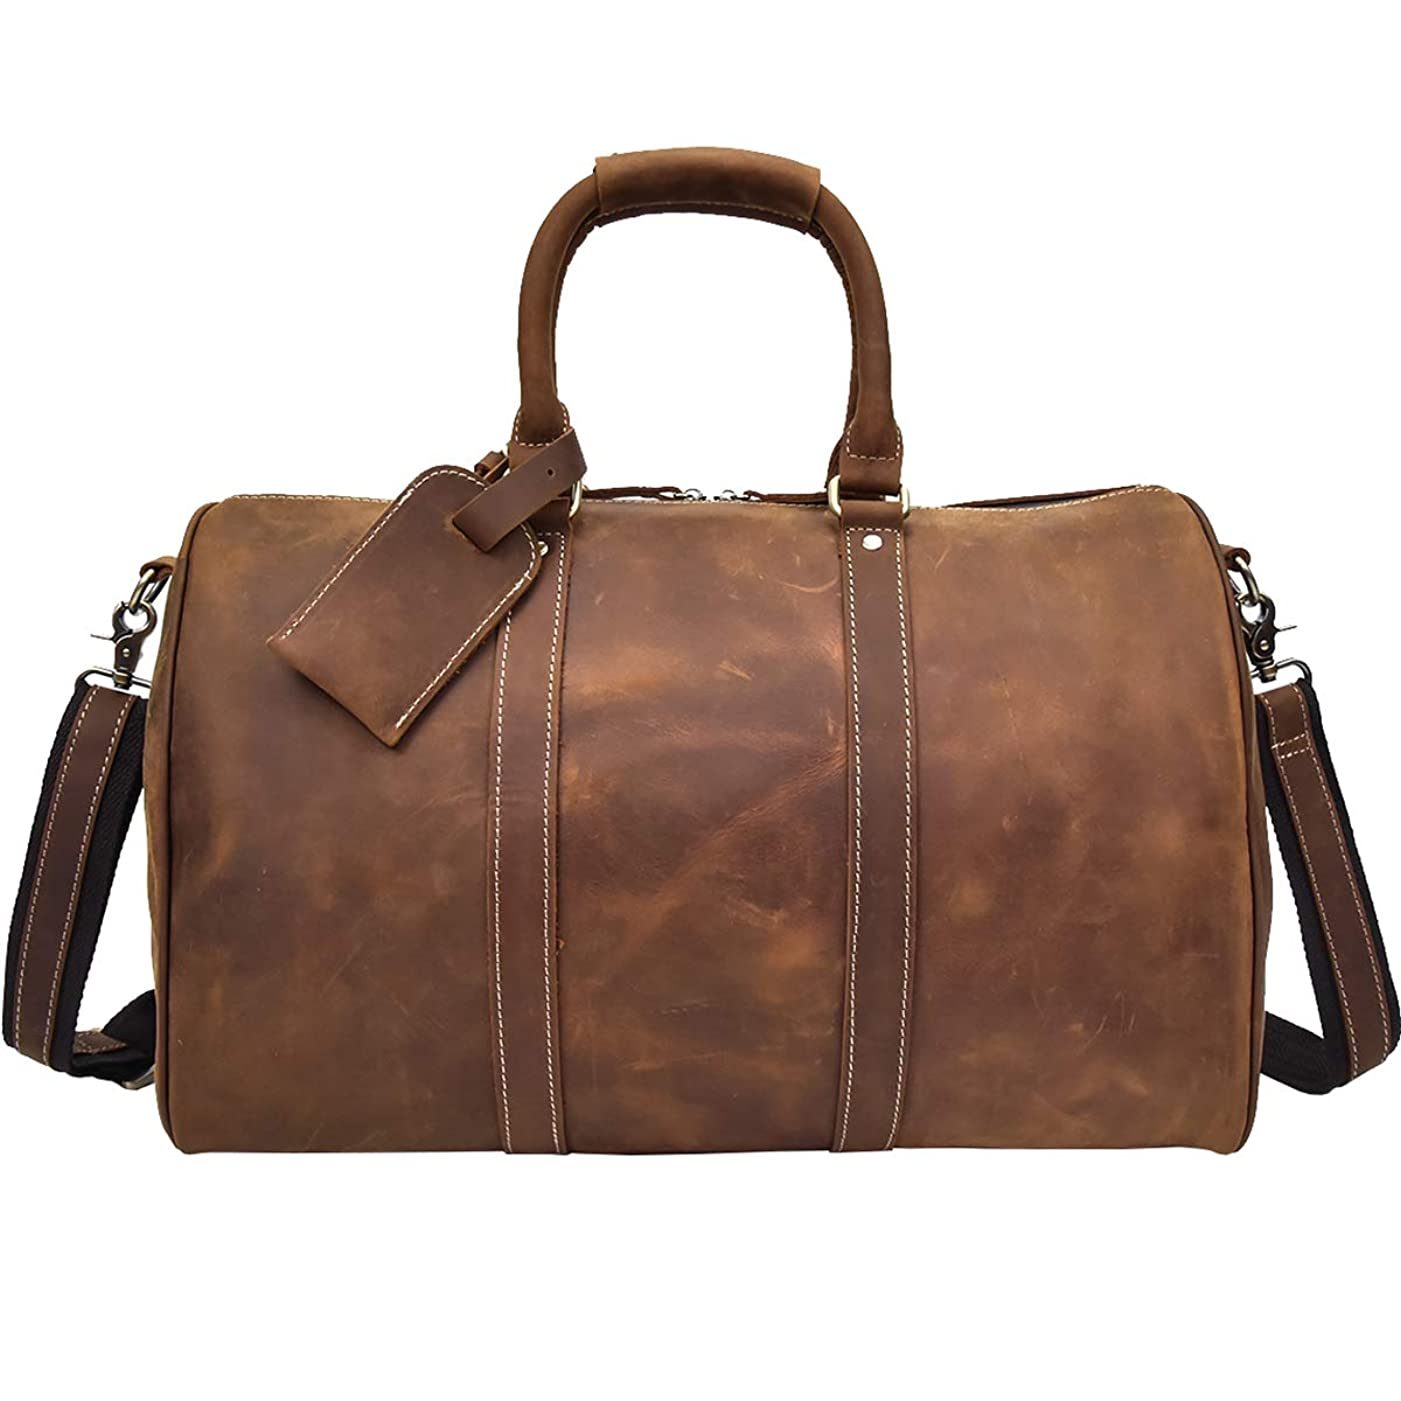 コンピューターを使用する悪性リスナー本革 ボストンバッグ メンズ 2泊 旅行鞄 レザートラベルバッグ 大容量 2way 耐久 レトロ 牛革 ト ラベルバッグ ゴルフ鞄 旅行バッグ 45cm